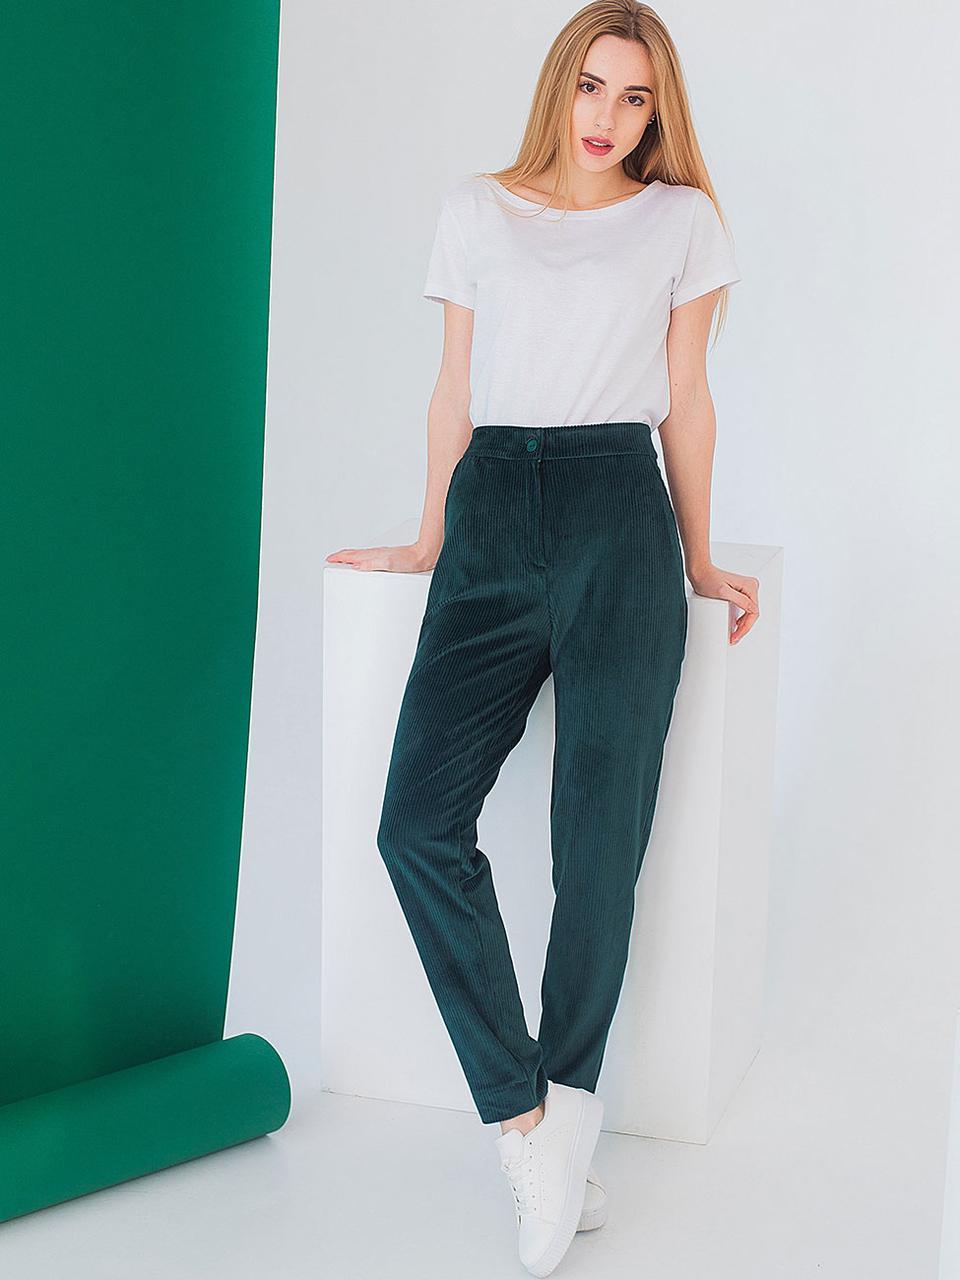 Модные вельветовые брюки зеленого цвета в размерах S, M, L